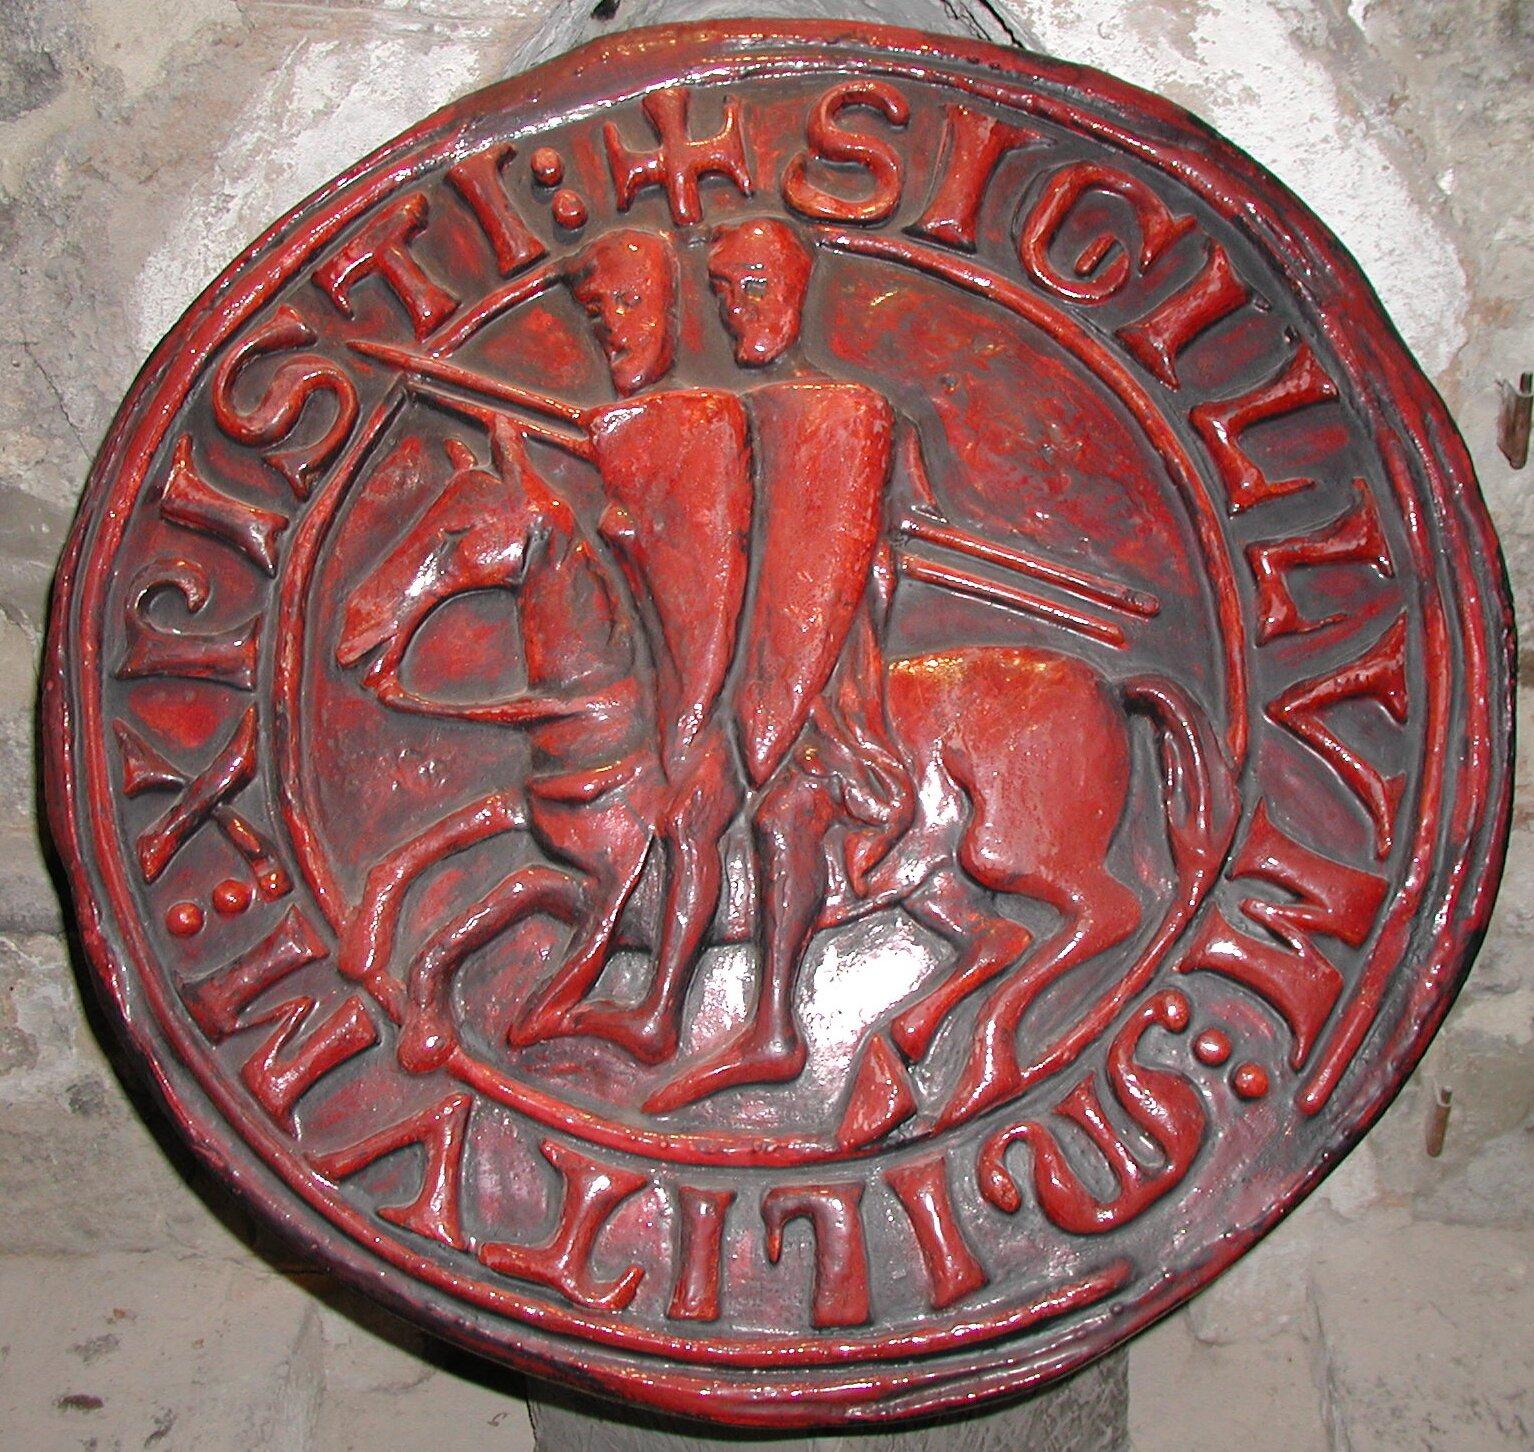 Pieczęć zawierająca oficjalne godło templariuszy Źródło: Pieczęć zawierająca oficjalne godło templariuszy, licencja: CC BY-SA 3.0.